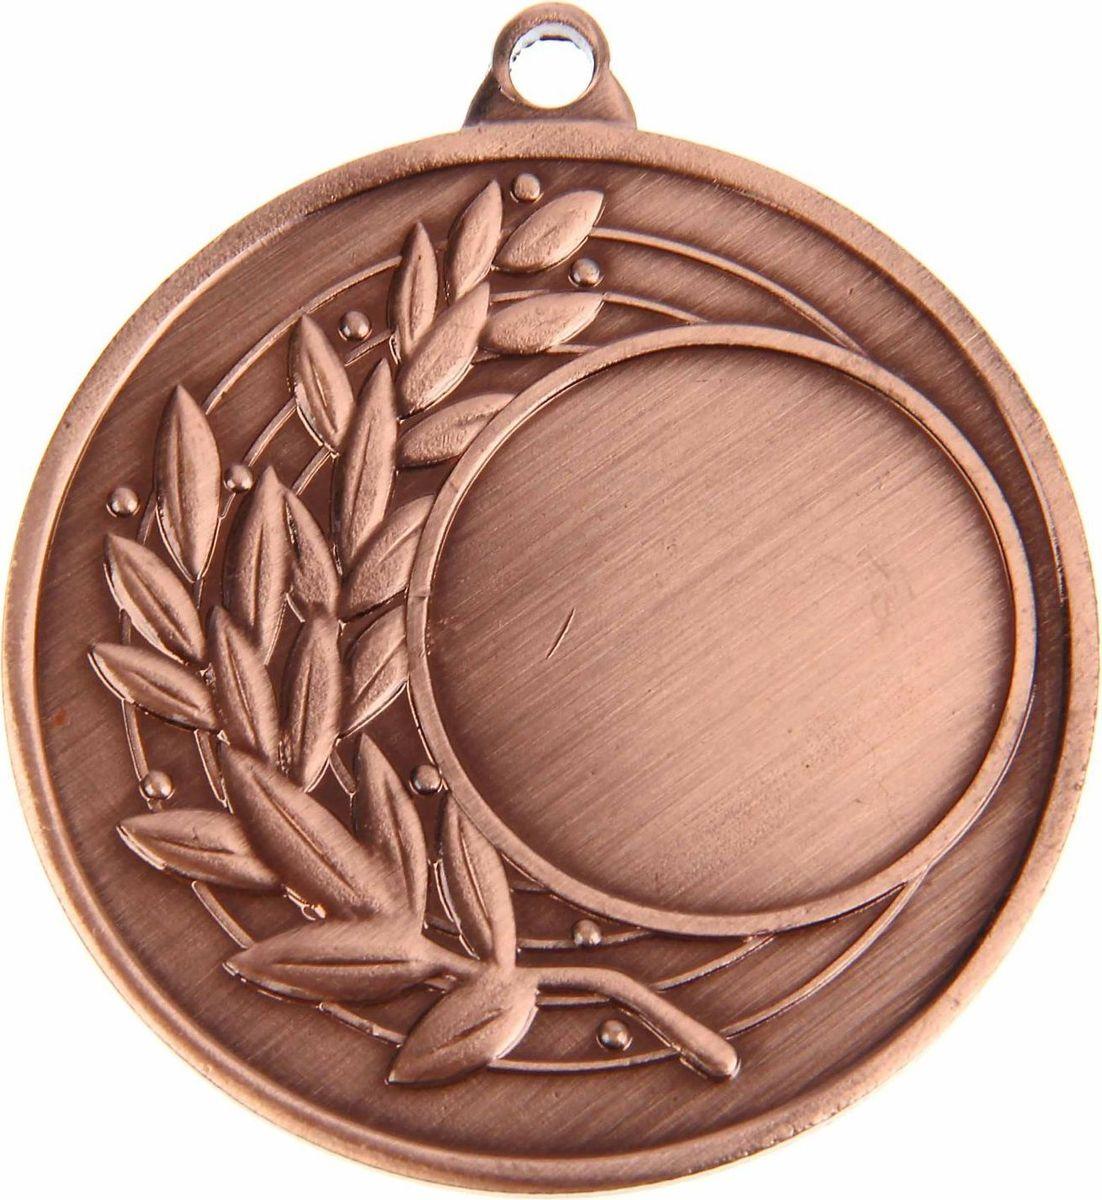 Медаль сувенирная с местом для гравировки, цвет: бронзовый, диаметр 4,5 см. 0261108702Медаль — знак отличия, которым награждают самых достойных. Она вручается лишь тем, кто проявил настойчивость и волю к победе. Каждое достижение — это важное событие, которое должно остаться в памяти на долгие годы. Любое спортивное состязание, профессиональное или среди любителей, любое корпоративное мероприятие — отличный повод для того, чтобы отметить лучших из лучших. Характеристики:Диаметр медали: 4,5 см Диаметр вкладыша (лицо): 2,5 см Диаметр вкладыша (оборот): 4 см. Пусть любая победа будет отмечена соответствующей наградой!